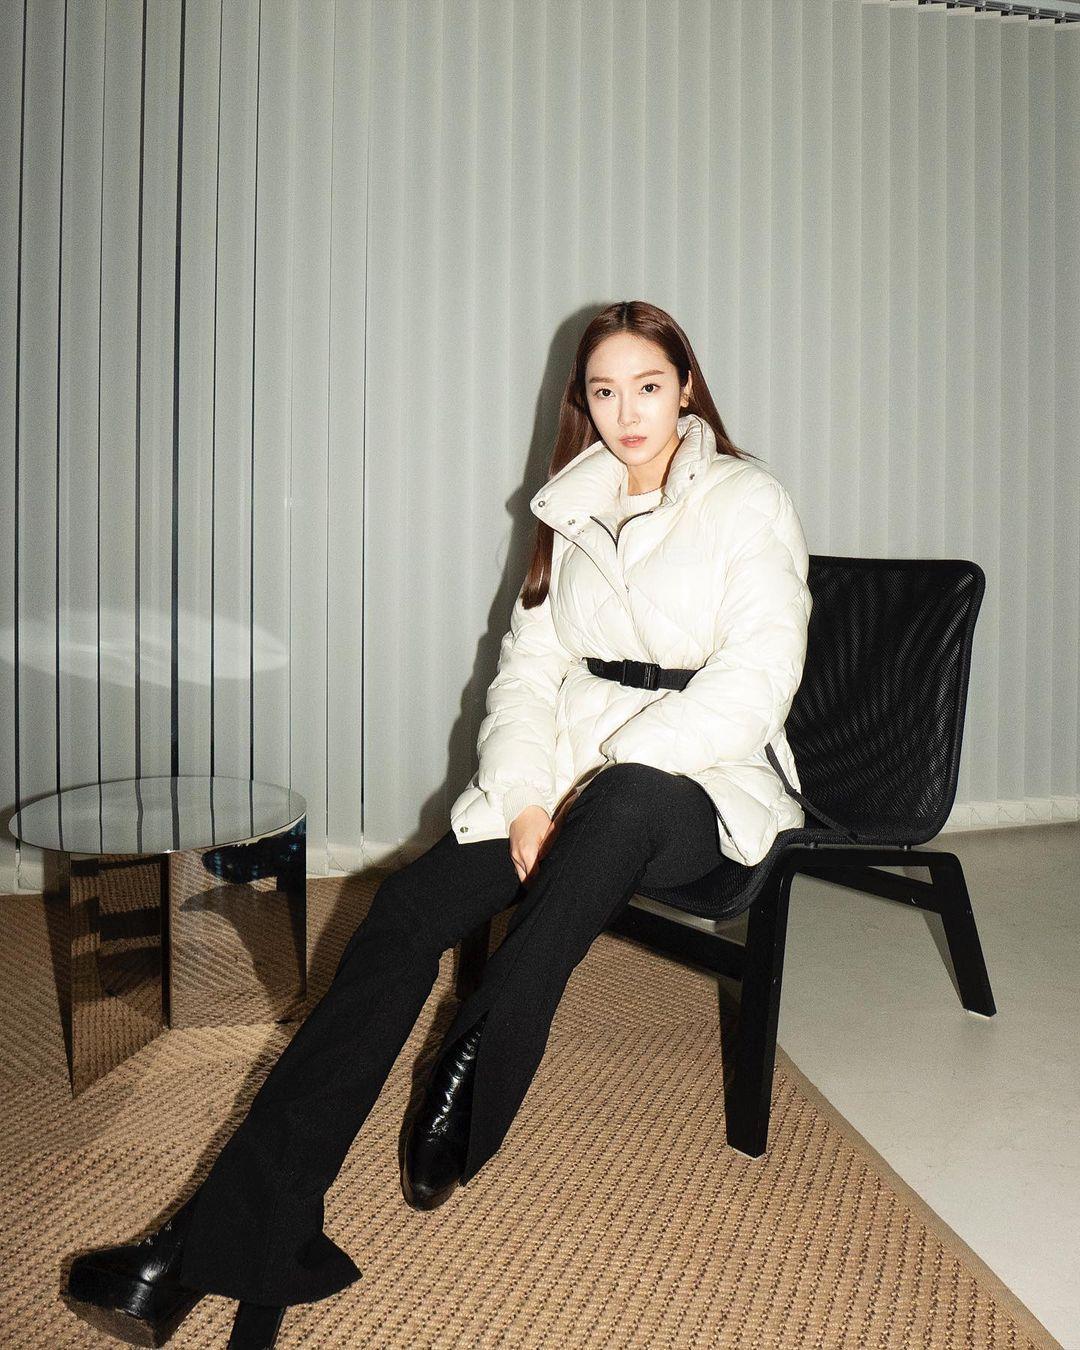 寒冬新时尚!跟着韩国女星学习羽绒服穿搭,一起来做冬日女神!插图2